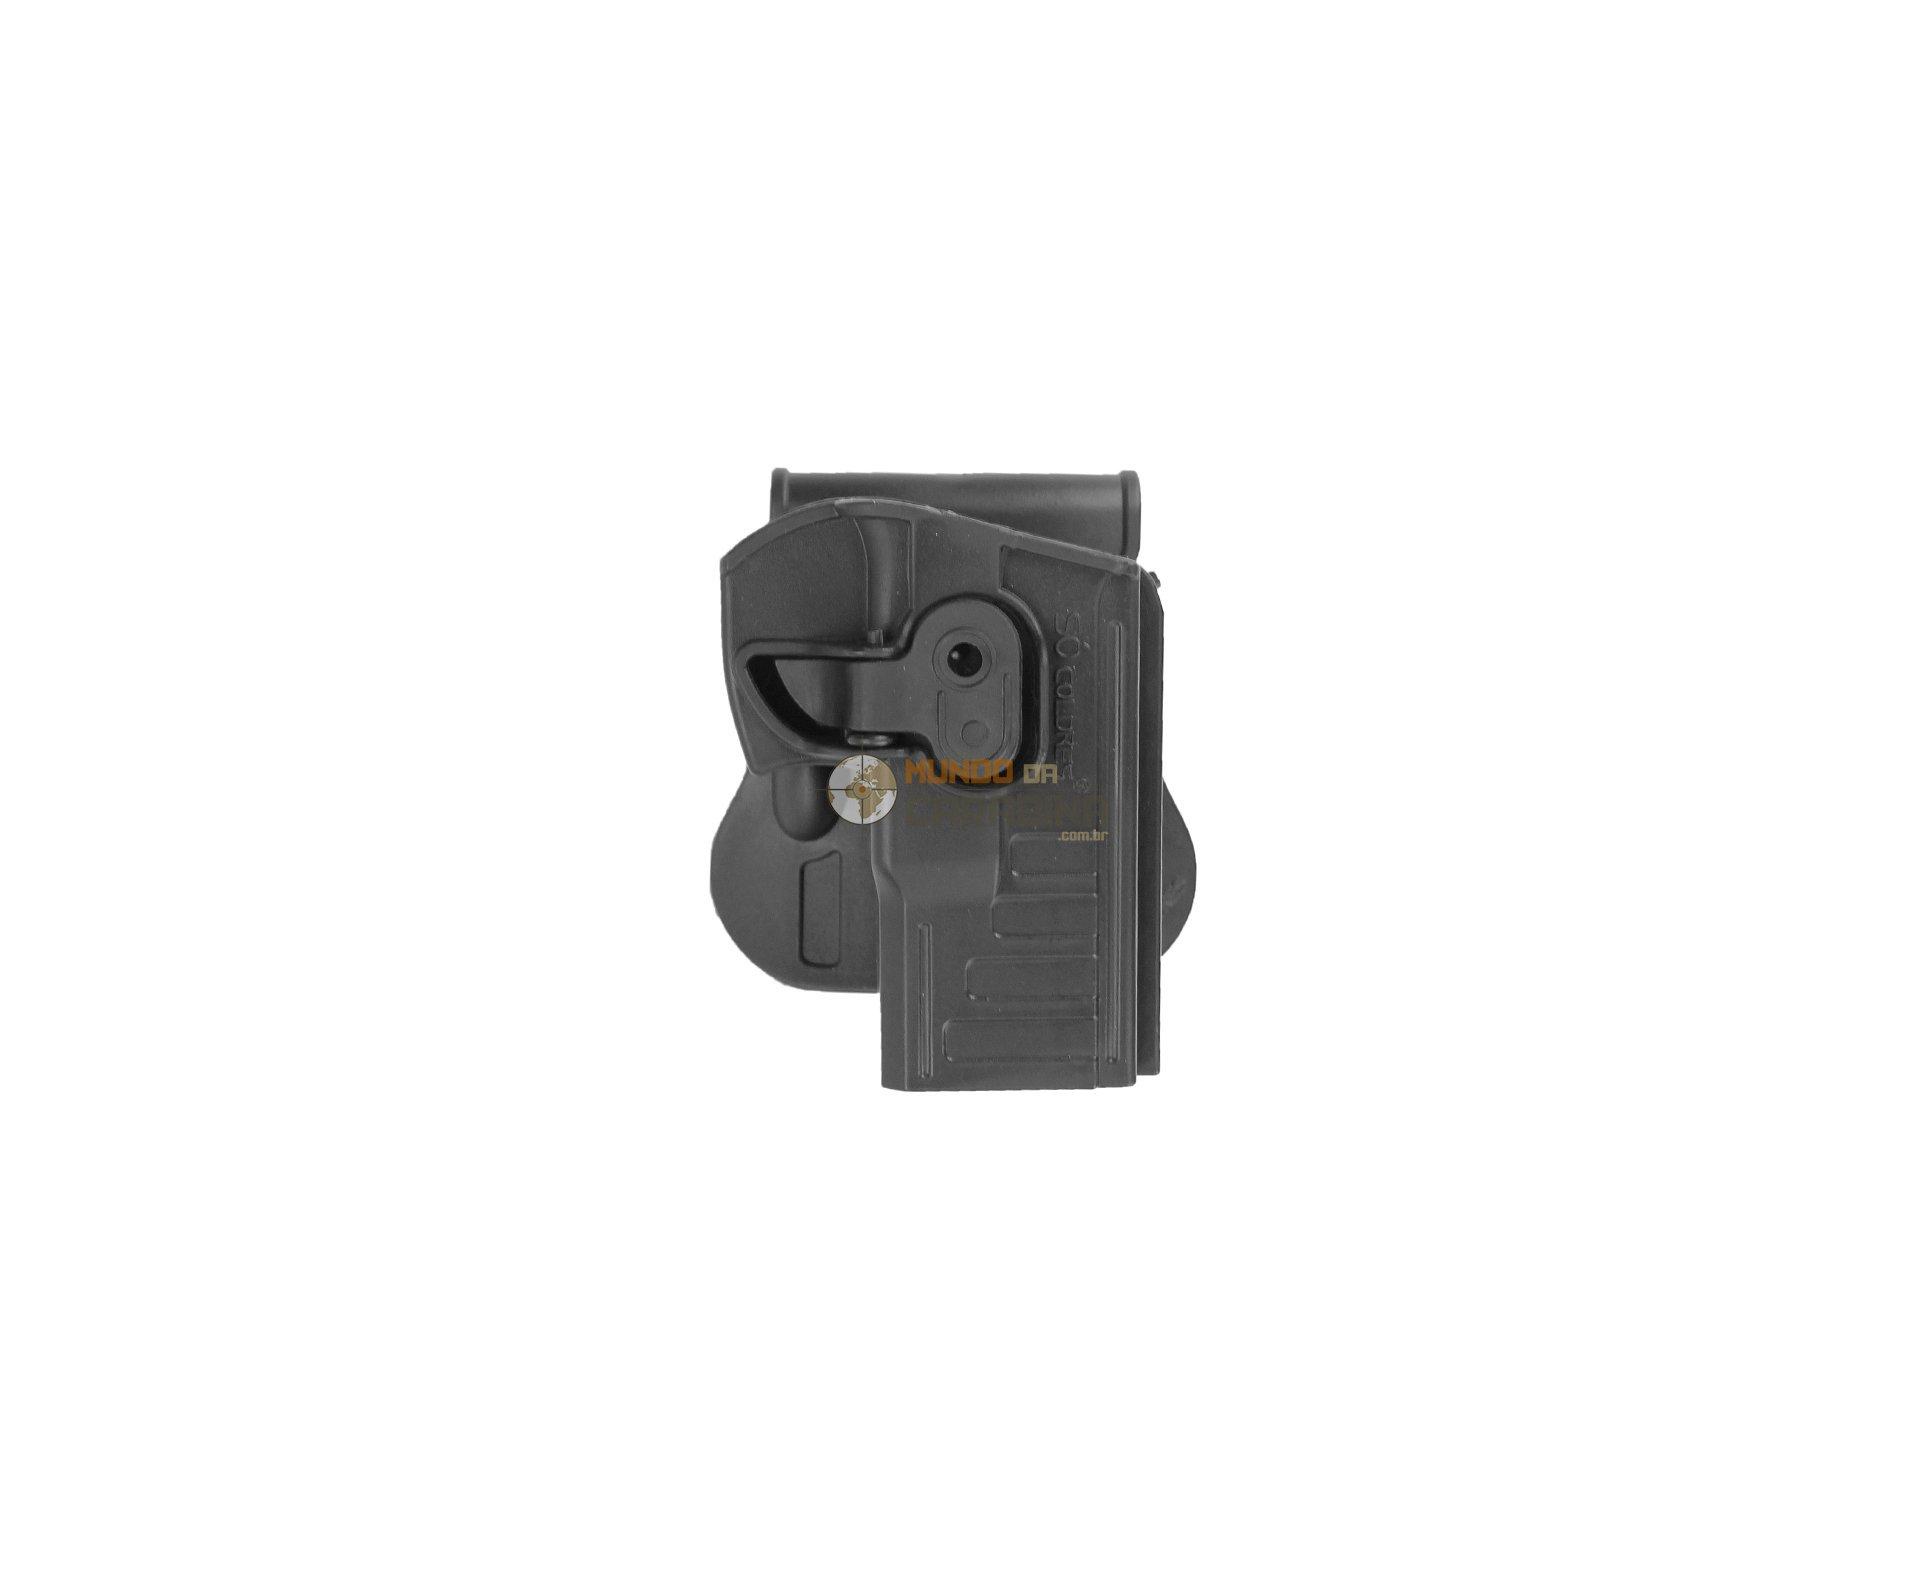 Coldre De Cintura Com Trava Pistola Taurus Pt 24/7 -838-840 (canhoto) - Só Coldres